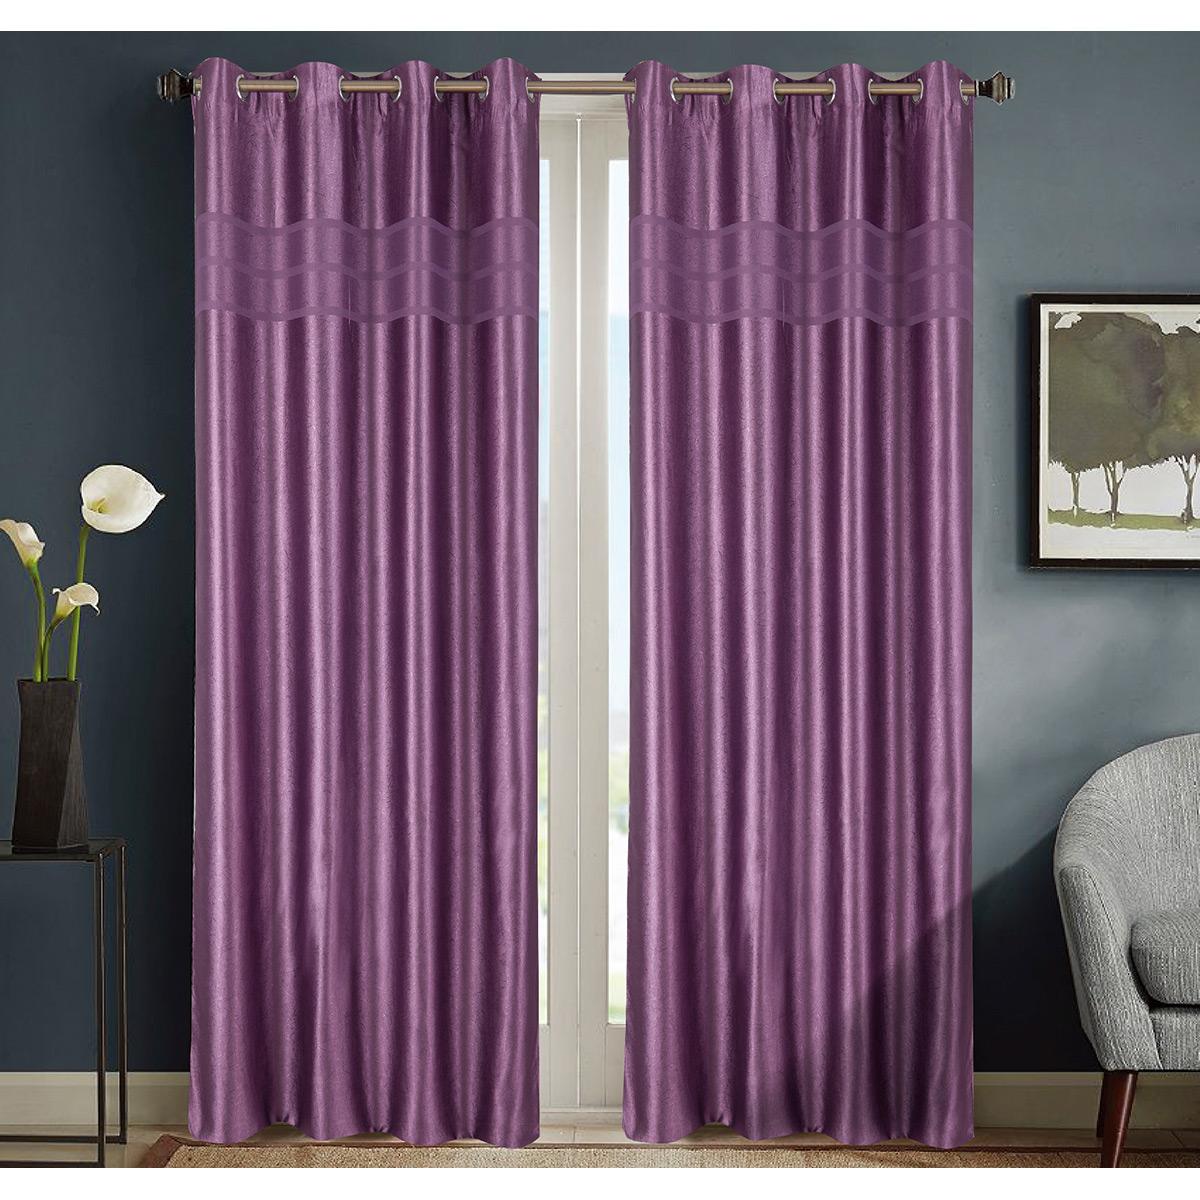 rideau occultant violet